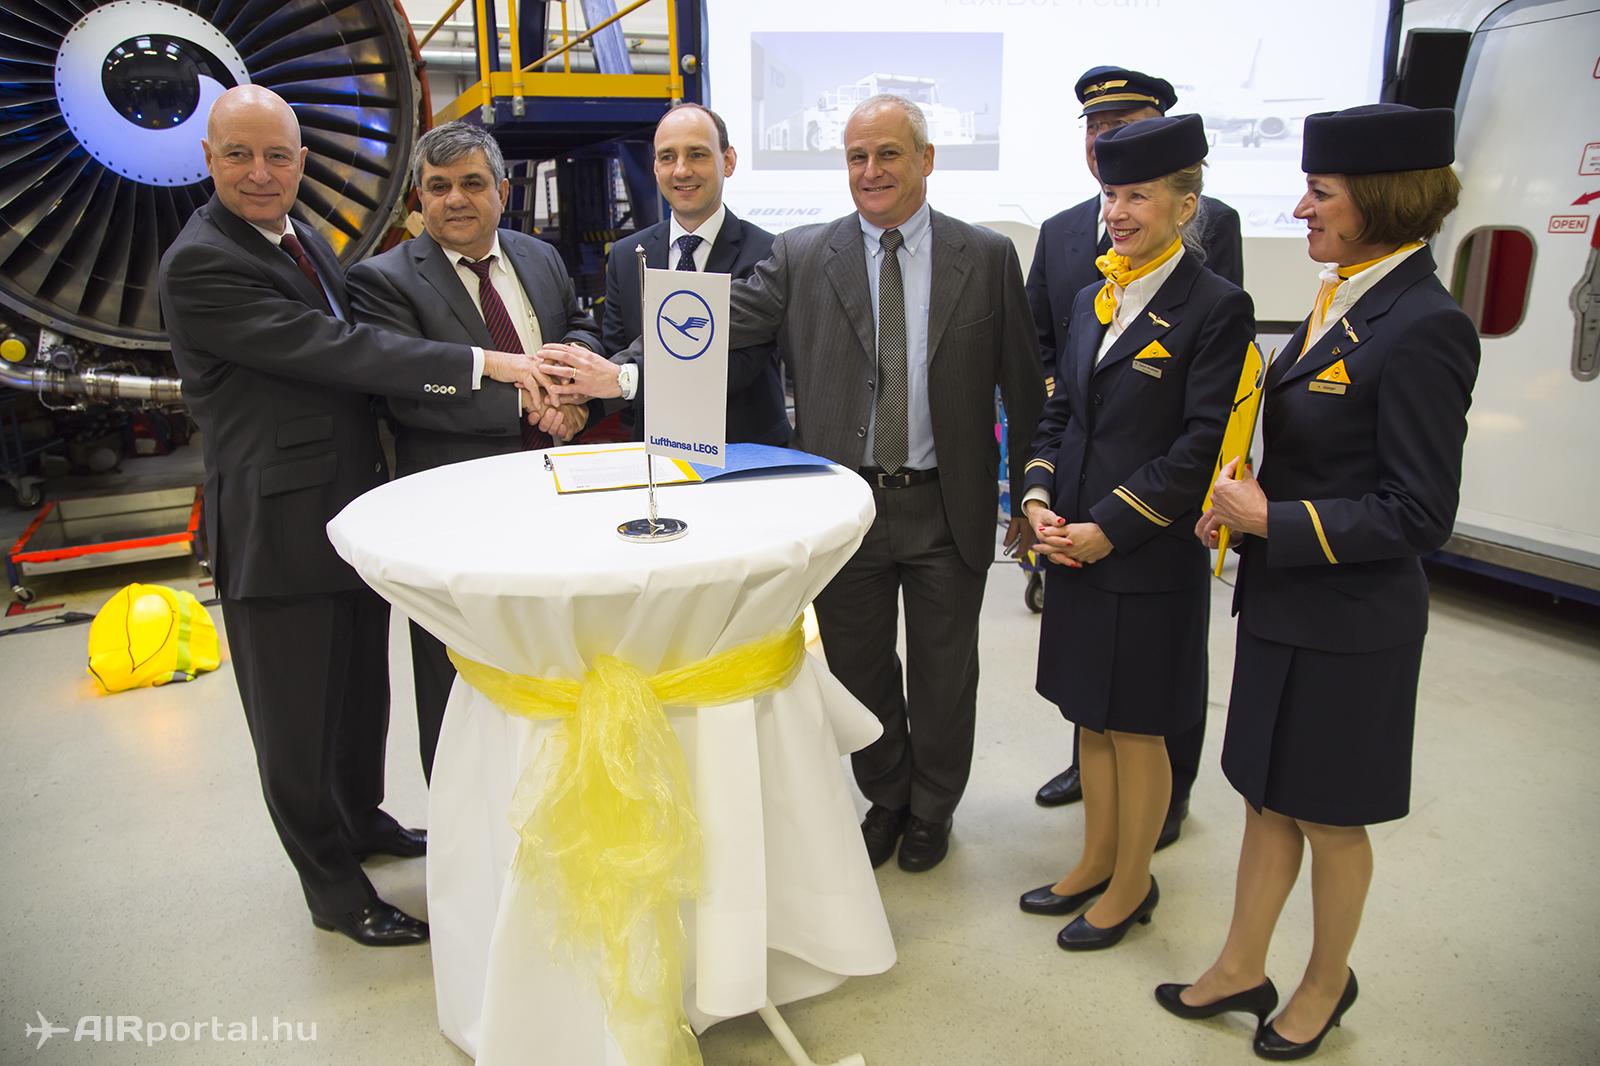 B-J: Kay Kratky, Yehoshua Eldar, Peter Unger a szándéknyilatkozat ünnepélyes aláírása után... | © AIRportal.hu